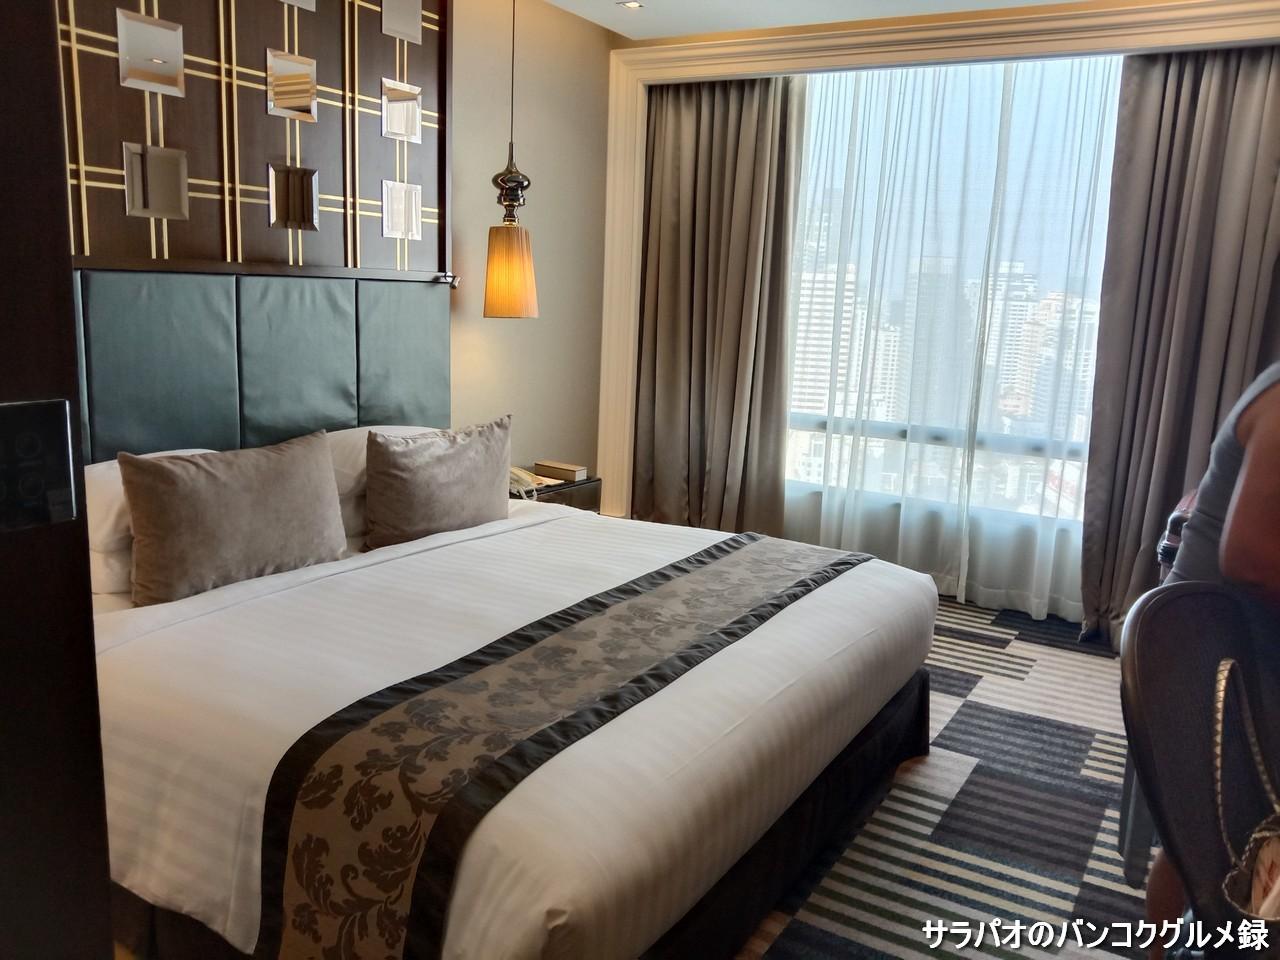 ザ・ランドマークはナナ駅から徒歩1分の5つ星ホテル in ナナ